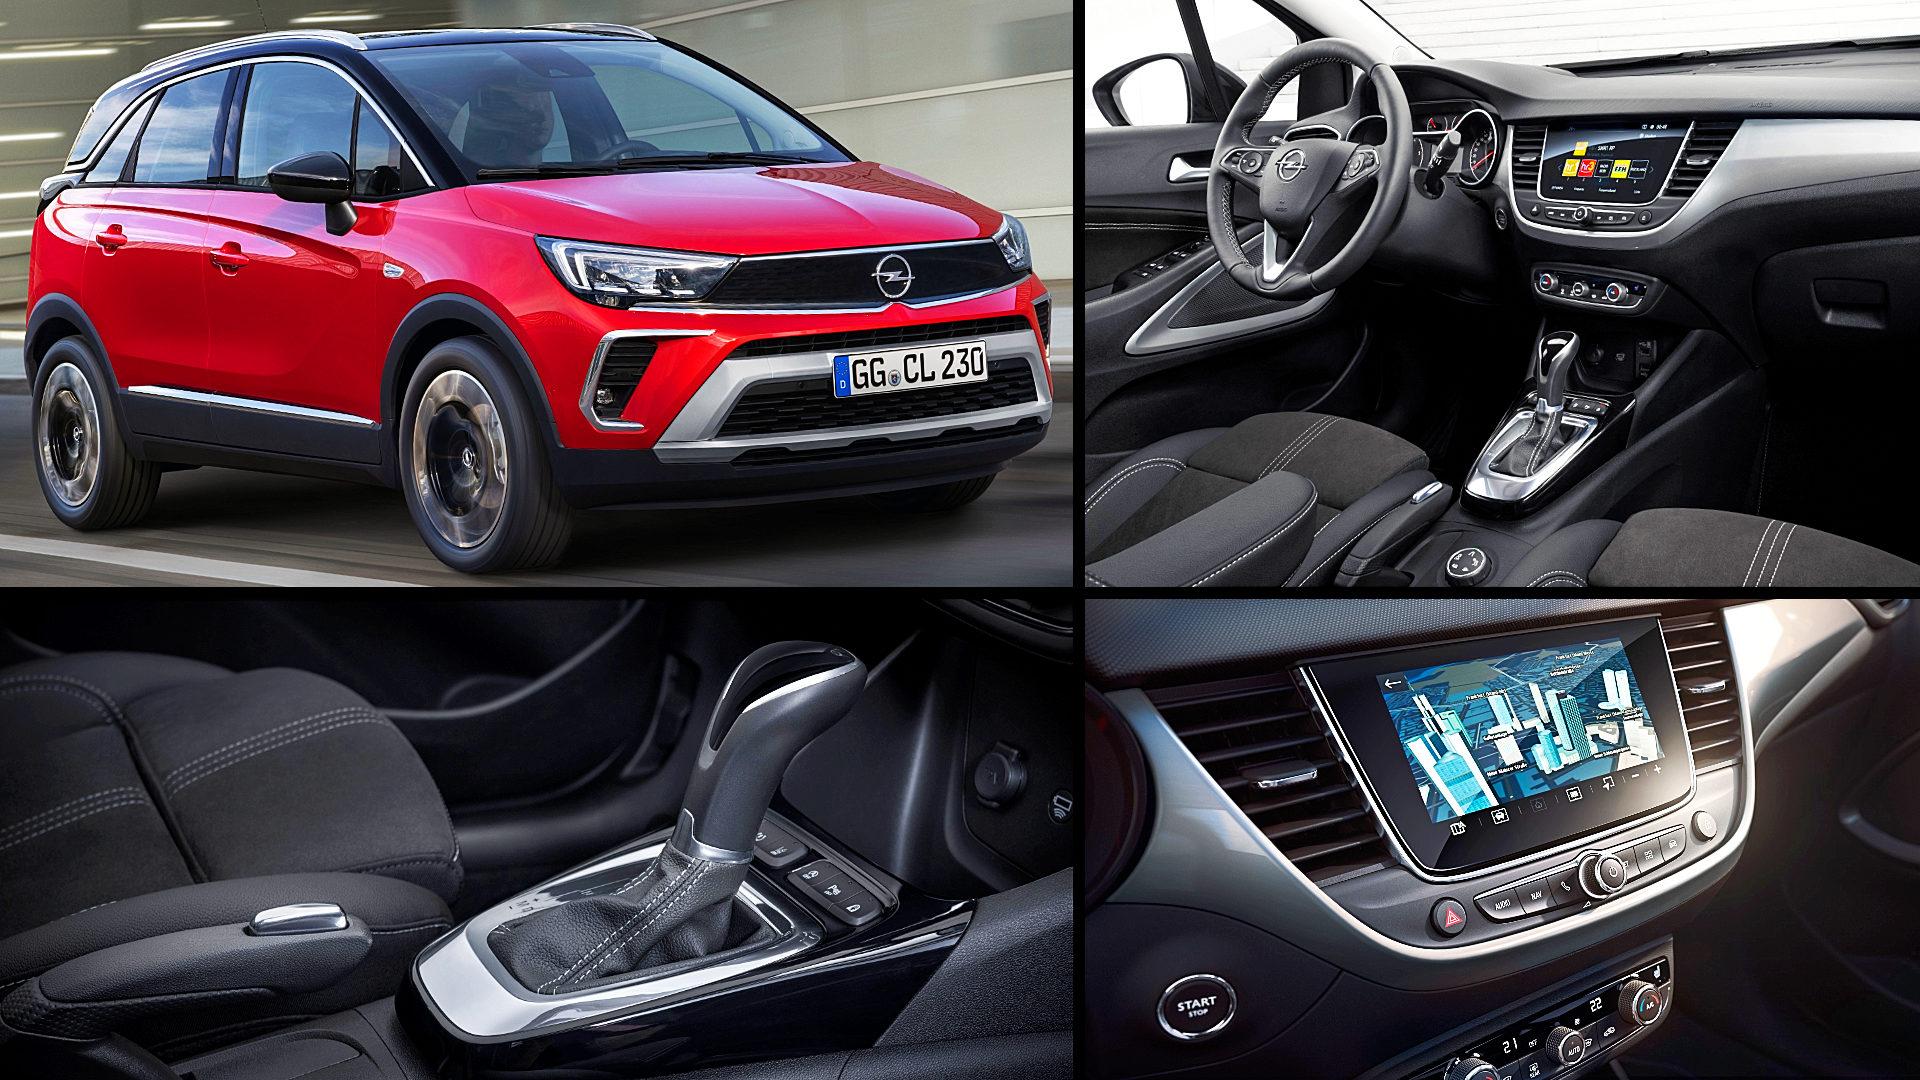 2021 Opel Vauxhall Crossland Interior